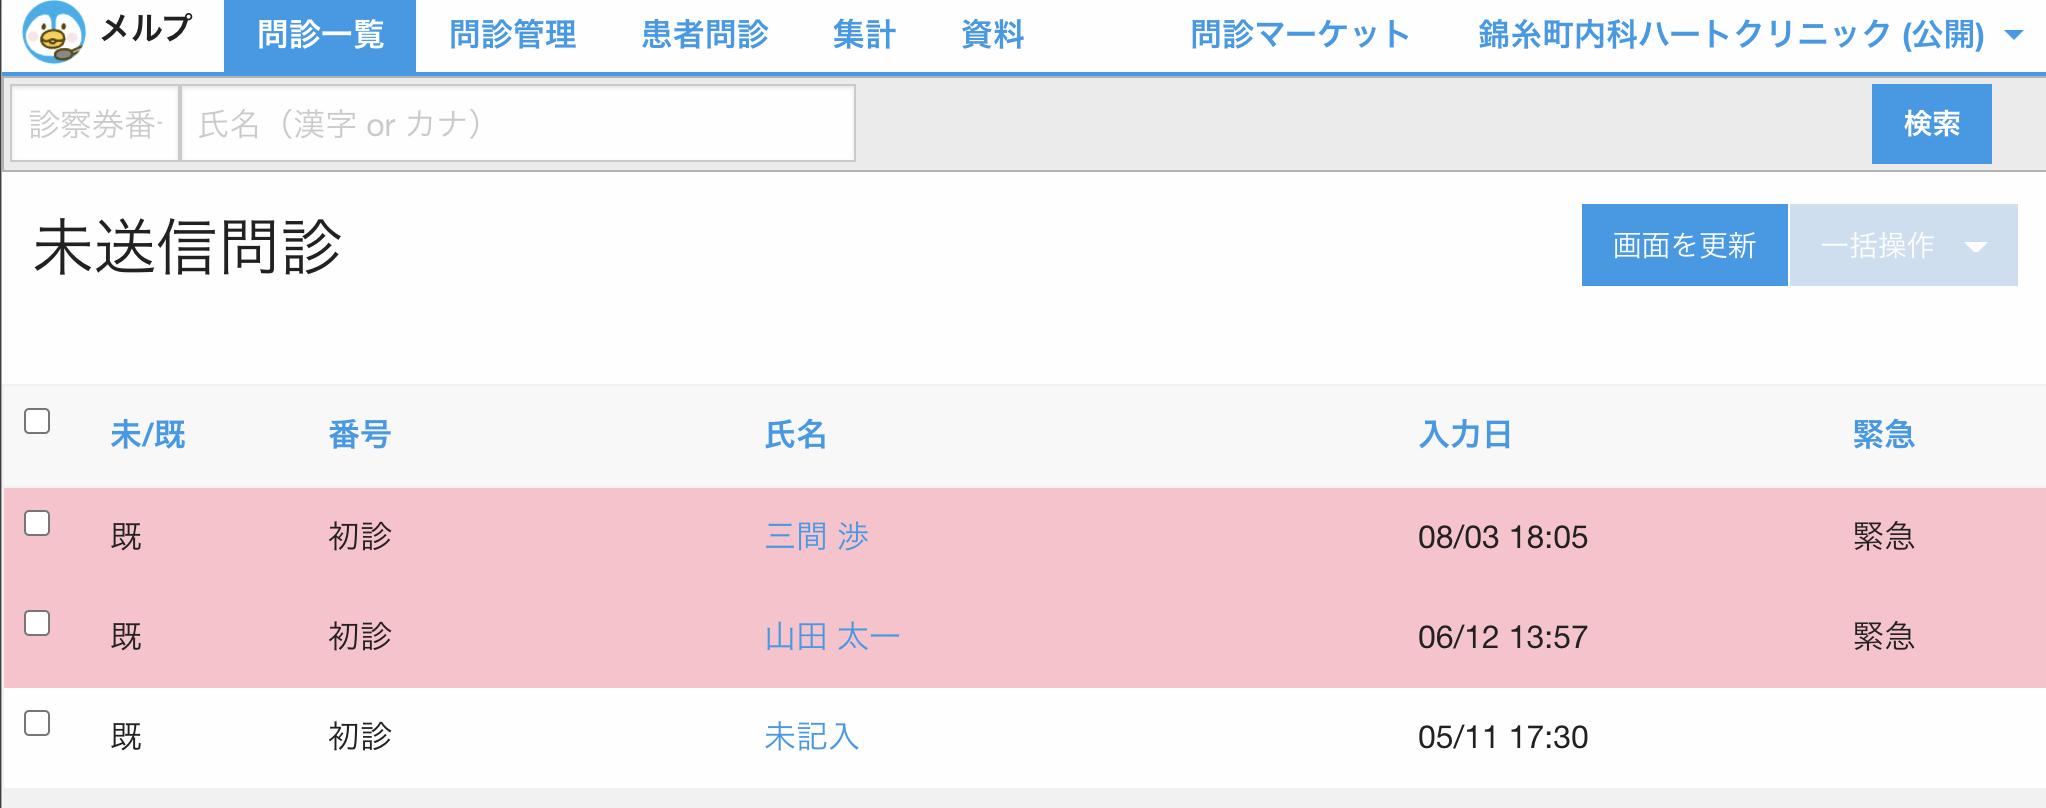 kinshicho-heart-monshin-9